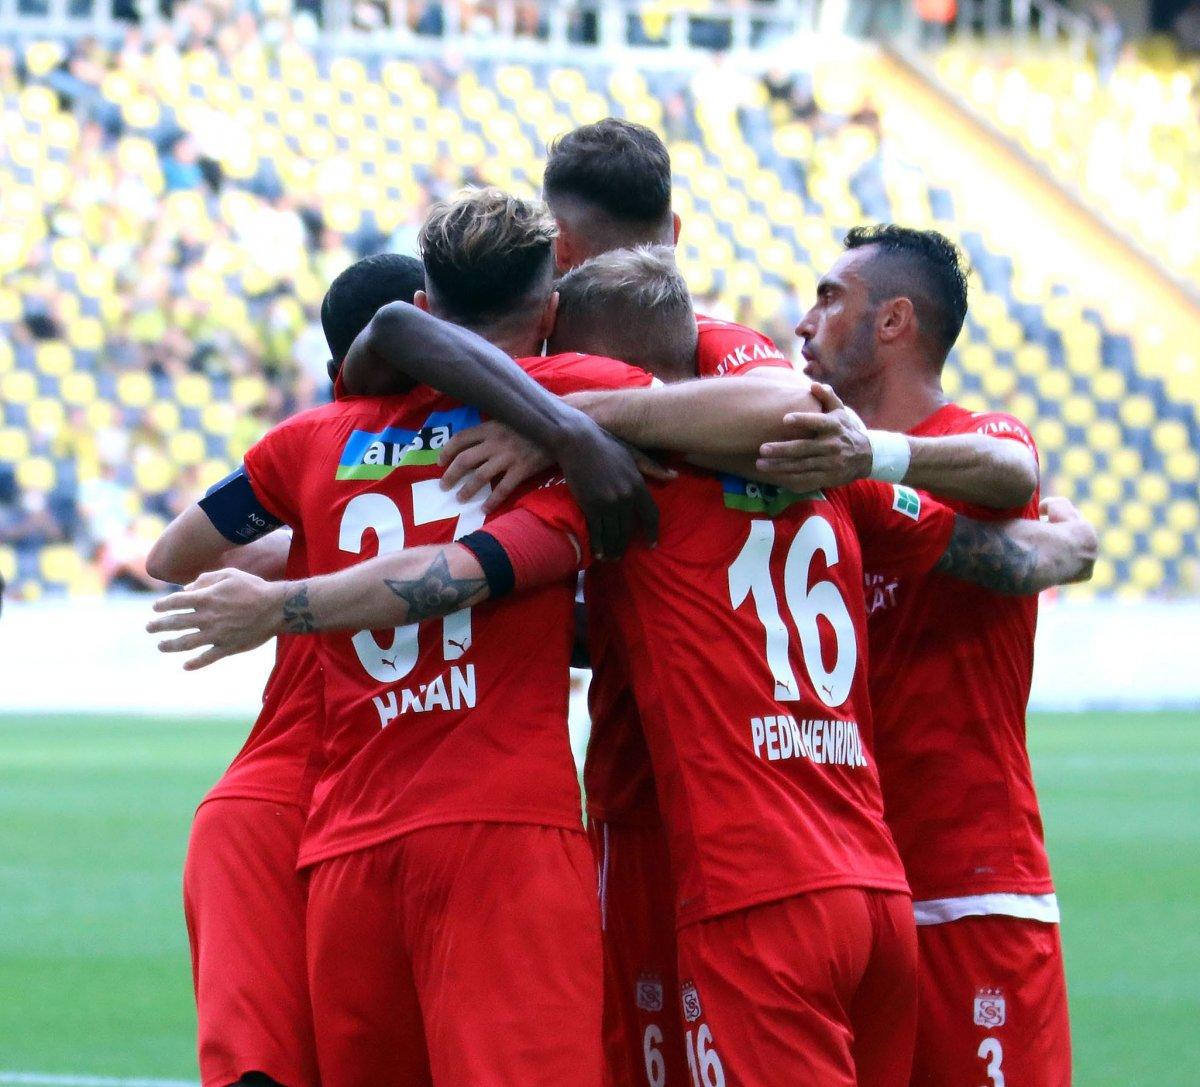 Fenerbahçe, Sivasspor la berabere kaldı #6